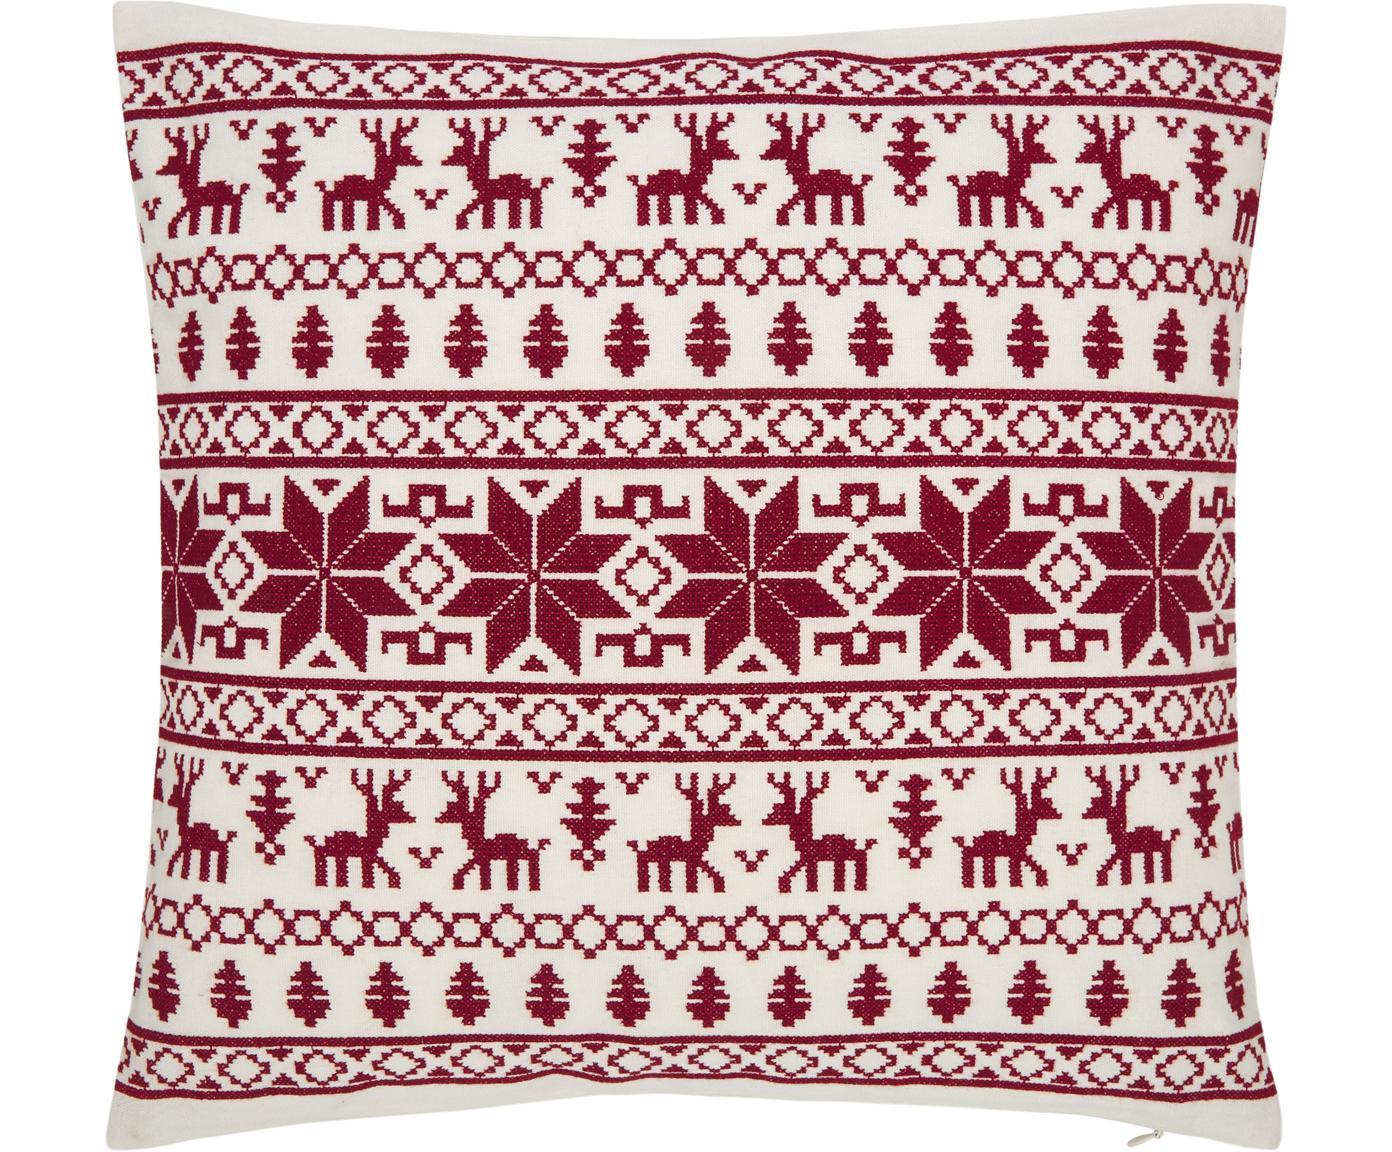 Kussenhoes Orkney met winterse motieven, 100% katoen, Rood, crèmewit, 45 x 45 cm